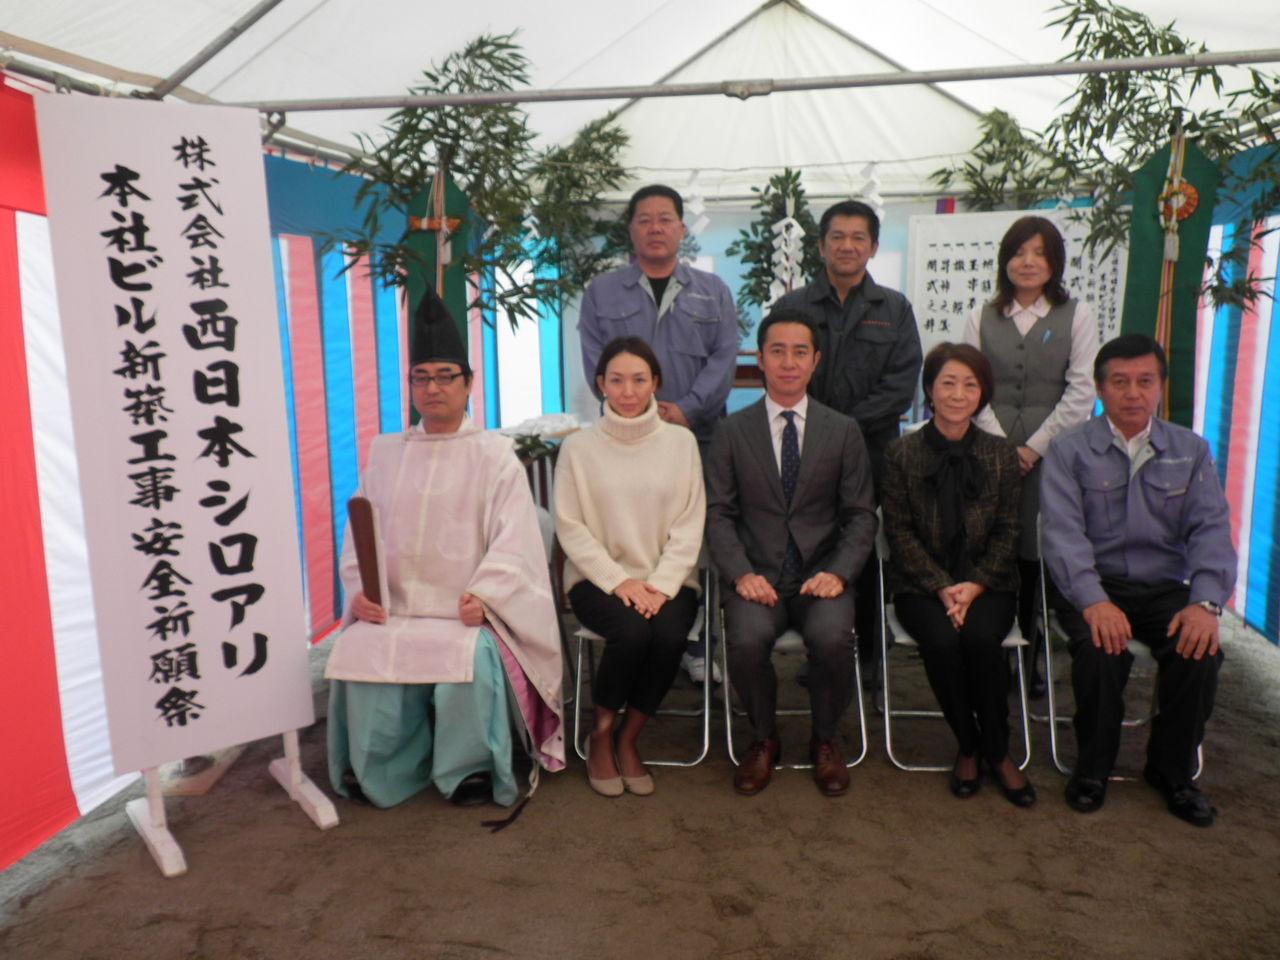 渡辺組 新着ブログ 2014年12月